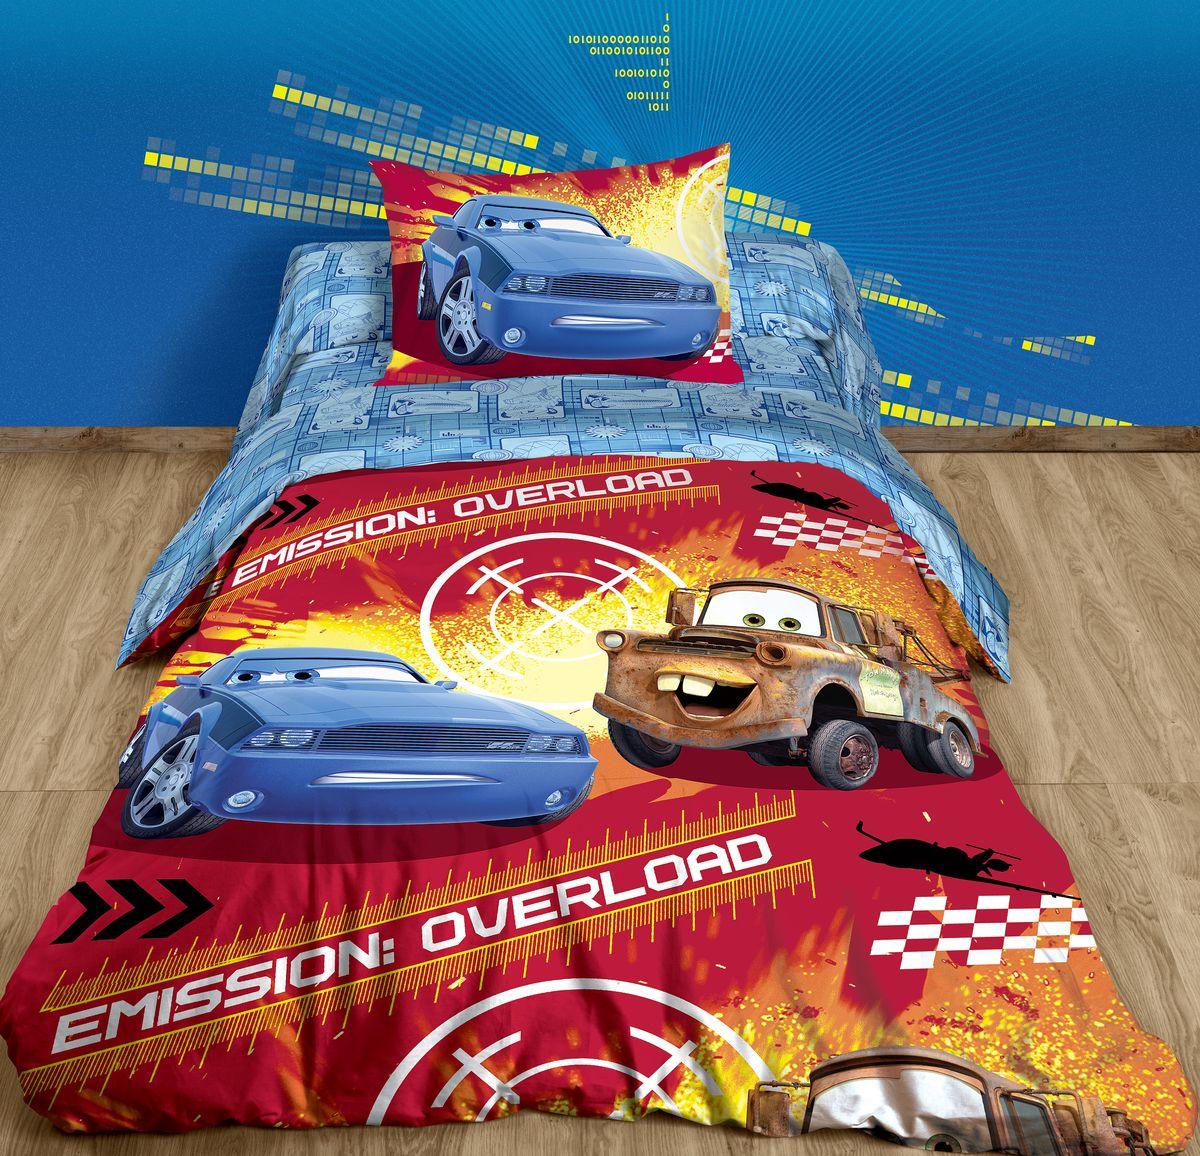 Комплект постельного белья Disney, 1,5-спальный, наволочка 50х70, цвет: красный + ПОДАРОК: Наволочка Disney Тачки, 50 х 70 см7183531 простынь 1480х2150мм,1 пододеяльник 1480х2100мм, 1 наволочка 500х700мм + Подарок 1 наволочка 500х700мм